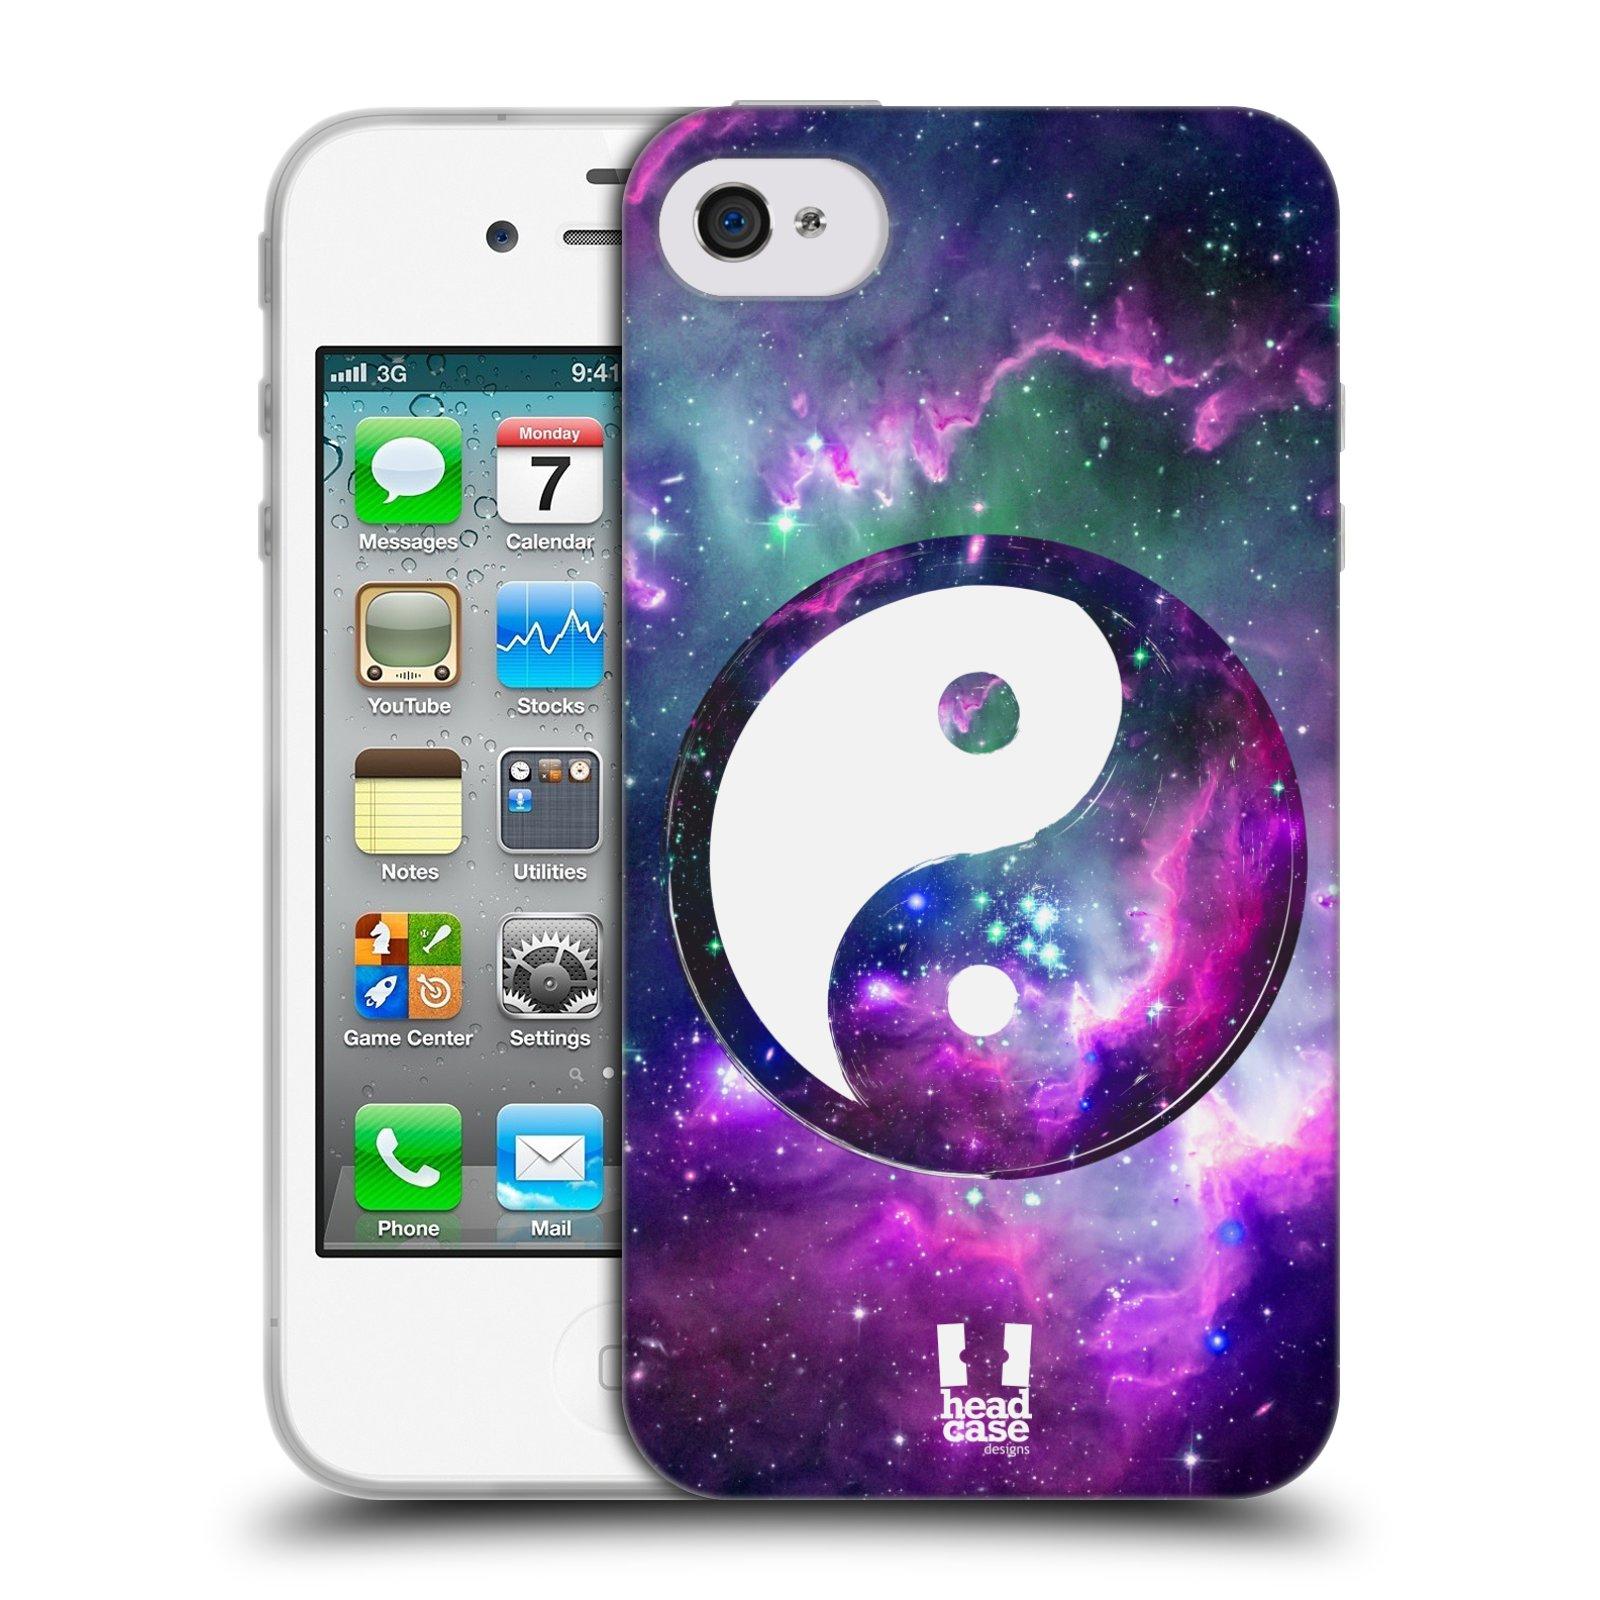 Silikonové pouzdro na mobil Apple iPhone 4 a 4S HEAD CASE YIn a Yang PURPLE (Silikonový kryt či obal na mobilní telefon Apple iPhone 4 a 4S)